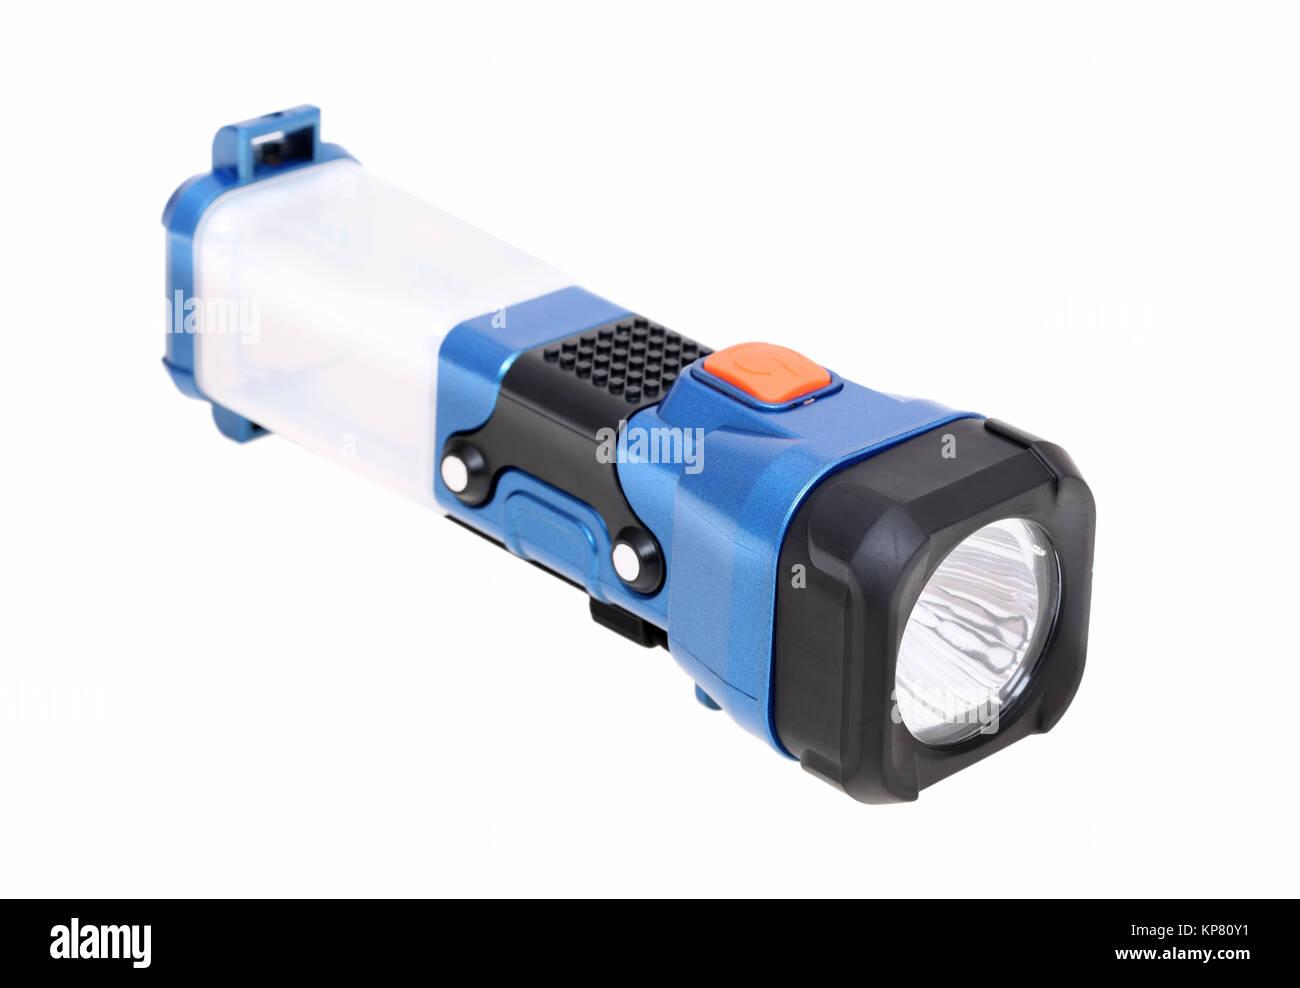 electric pocket flashlight isolated on white background - Stock Image